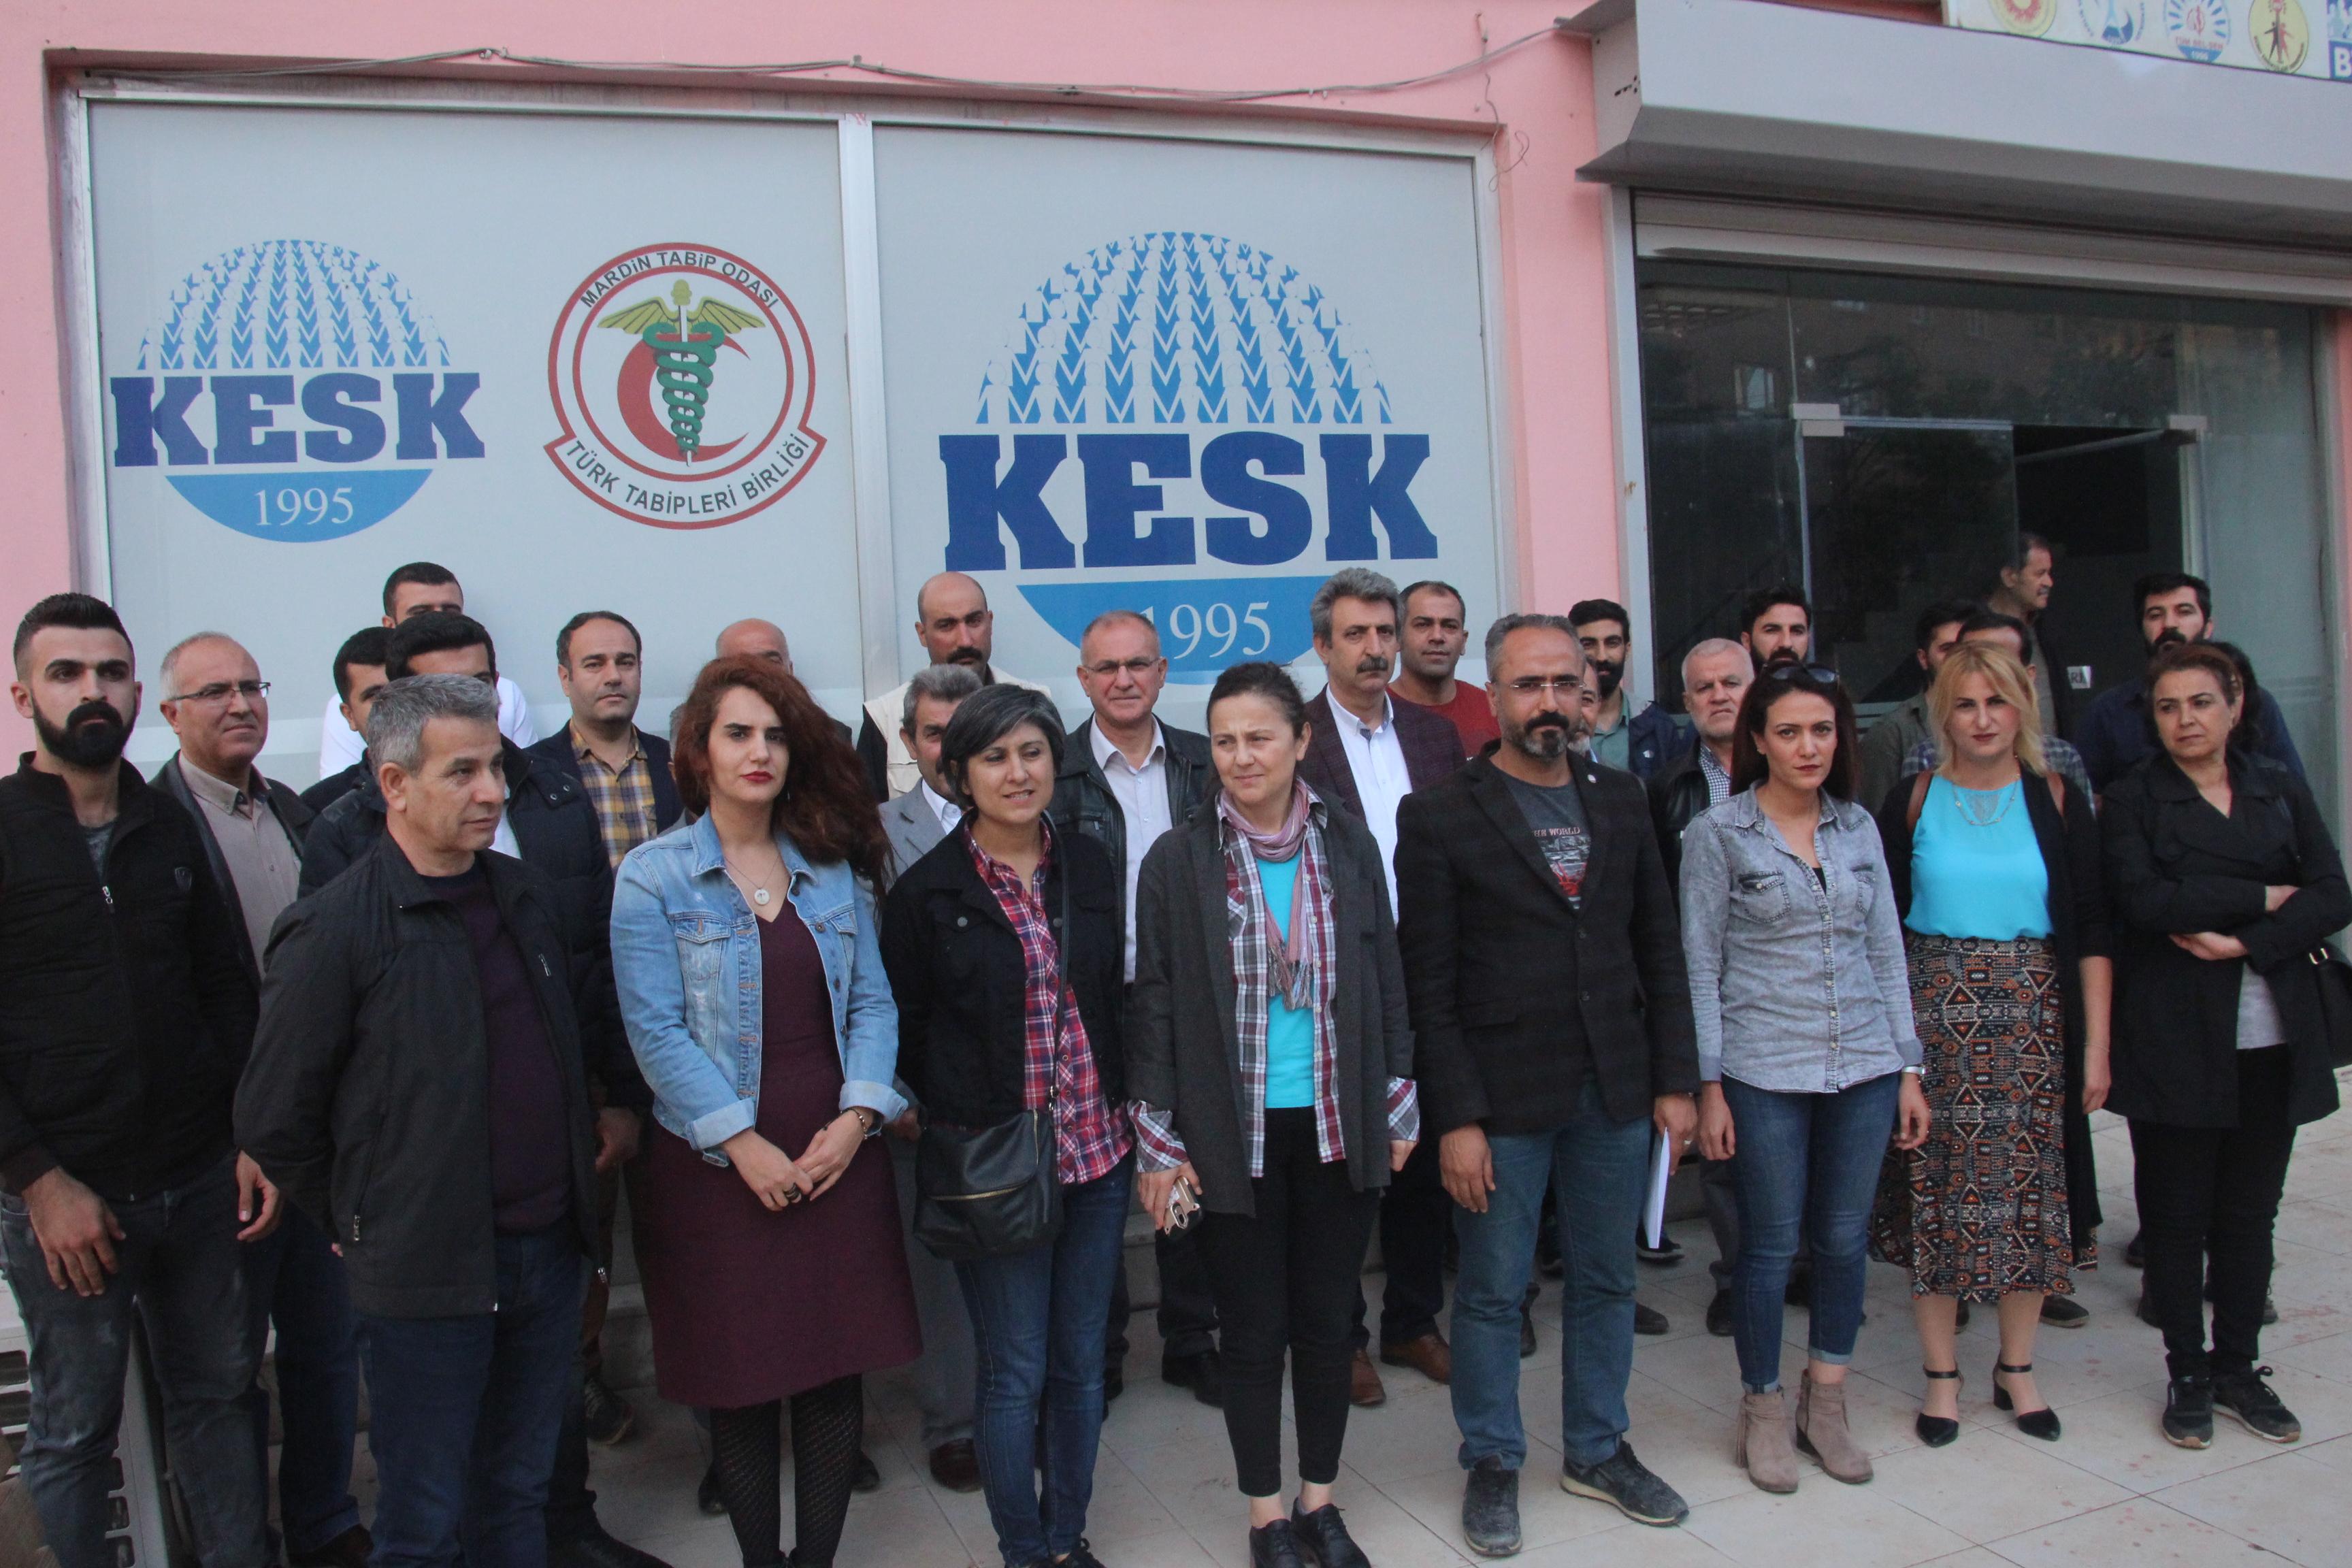 KESK Mardin Şubeler Platformu: İsrail Devleti'nin Filistin halkına karşı gerçekleştirdiği katliamı lanetliyoruz